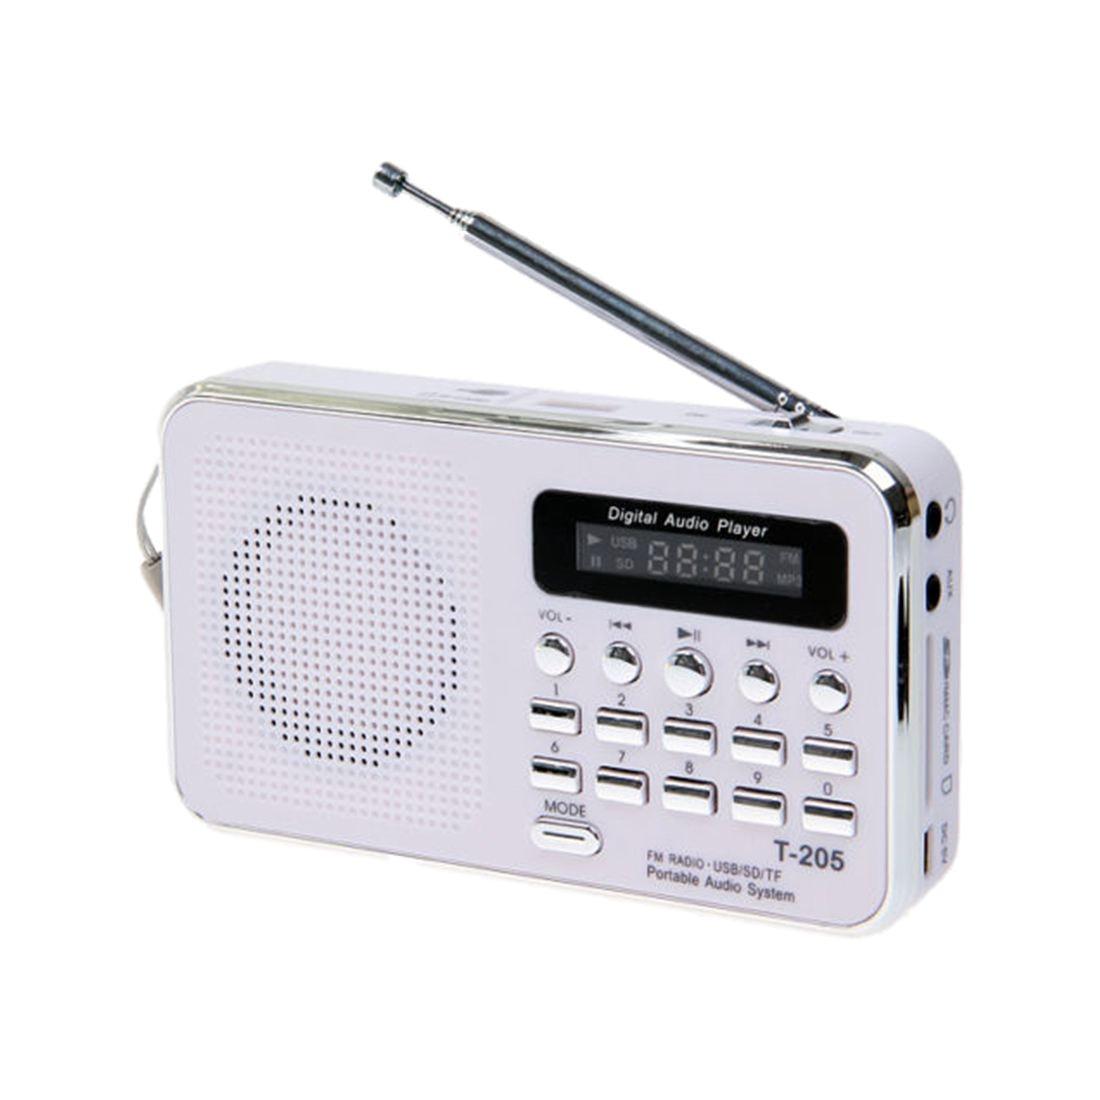 Portable Stéréo Mini Haut-Parleur Numérique FM Radio pour Mobile Téléphone Tablet PC Portable